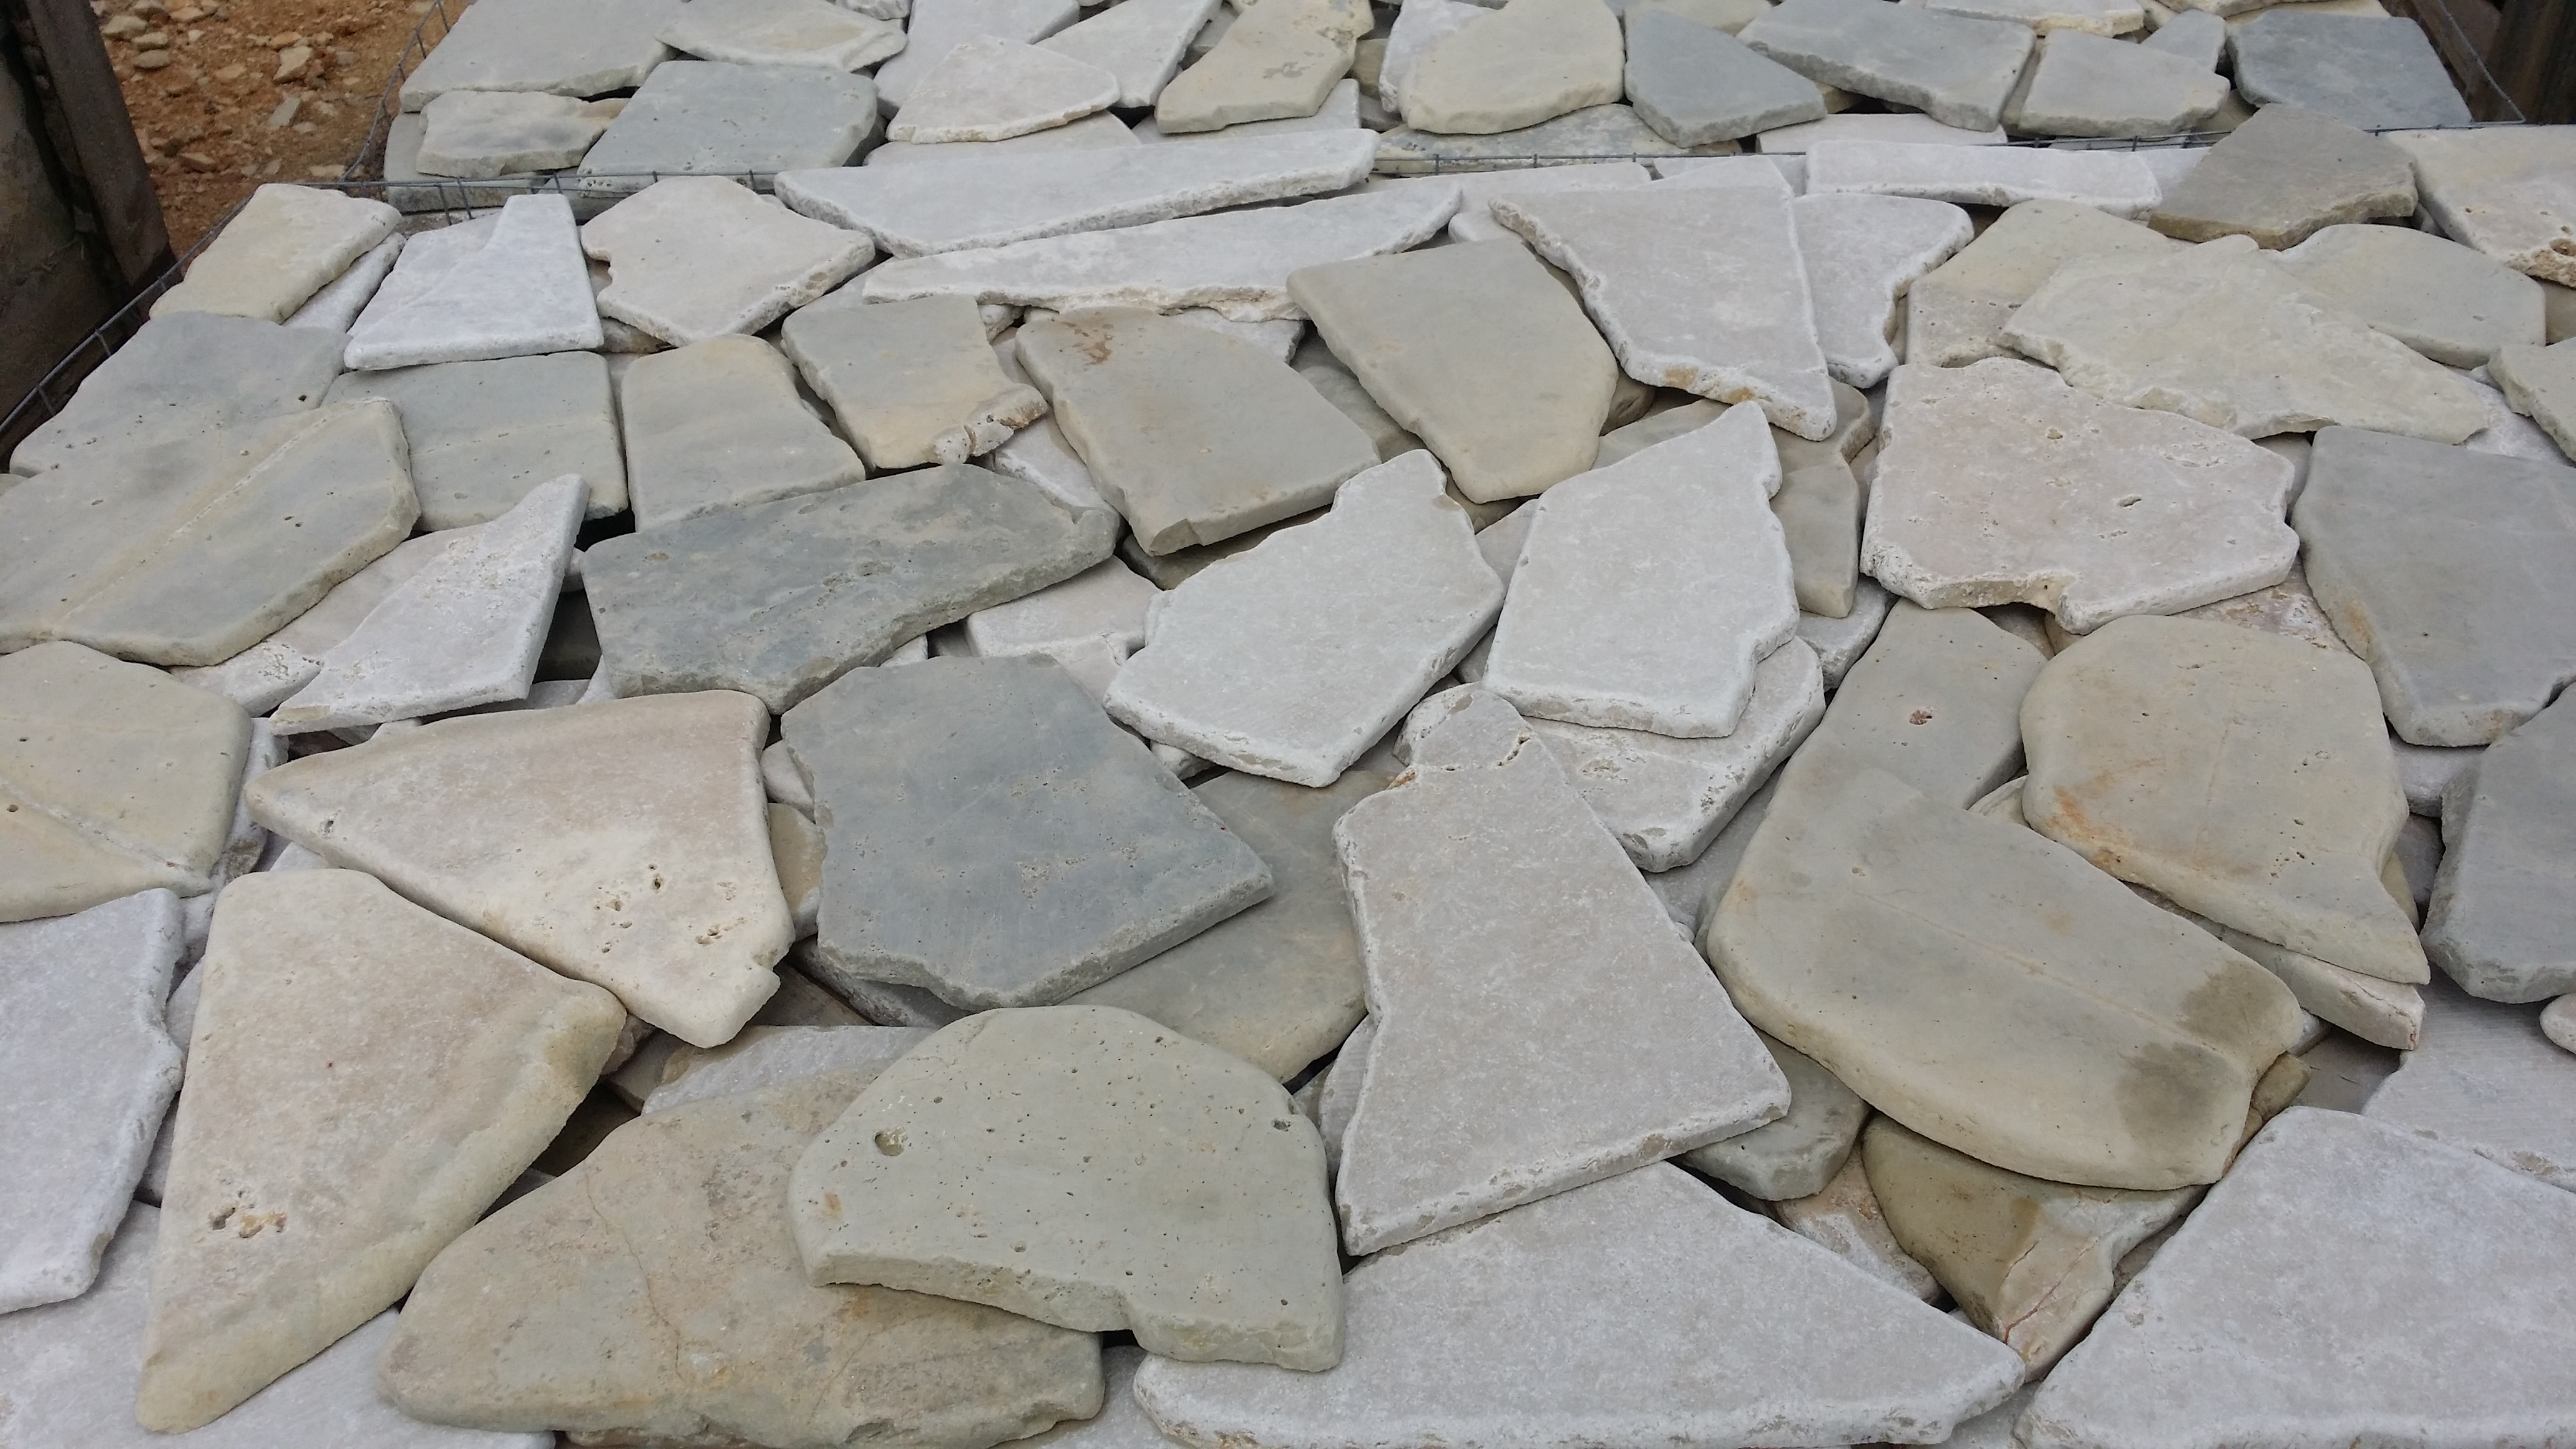 Pietra di trani puglia pavimenti e rivestimenti - Rivestire muro esterno ...